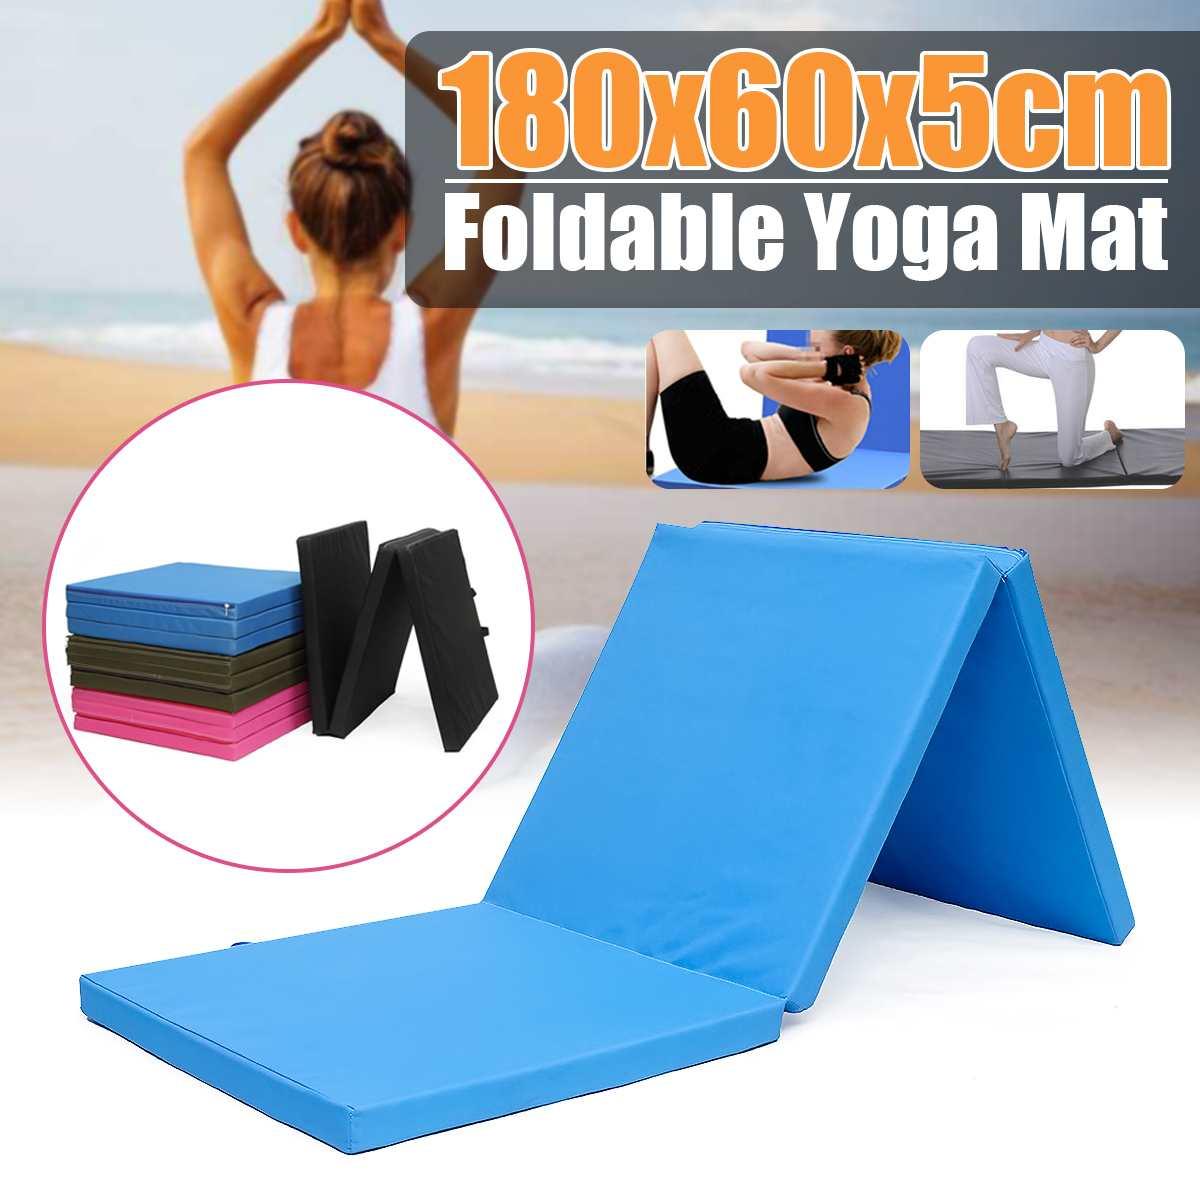 180*60*5 cm tapis de gymnastique pliant tapis de Yoga de plancher de gymnastique exercice Fitness Pilates Gym tapis d'entraînement de gymnastique tapis de Yoga